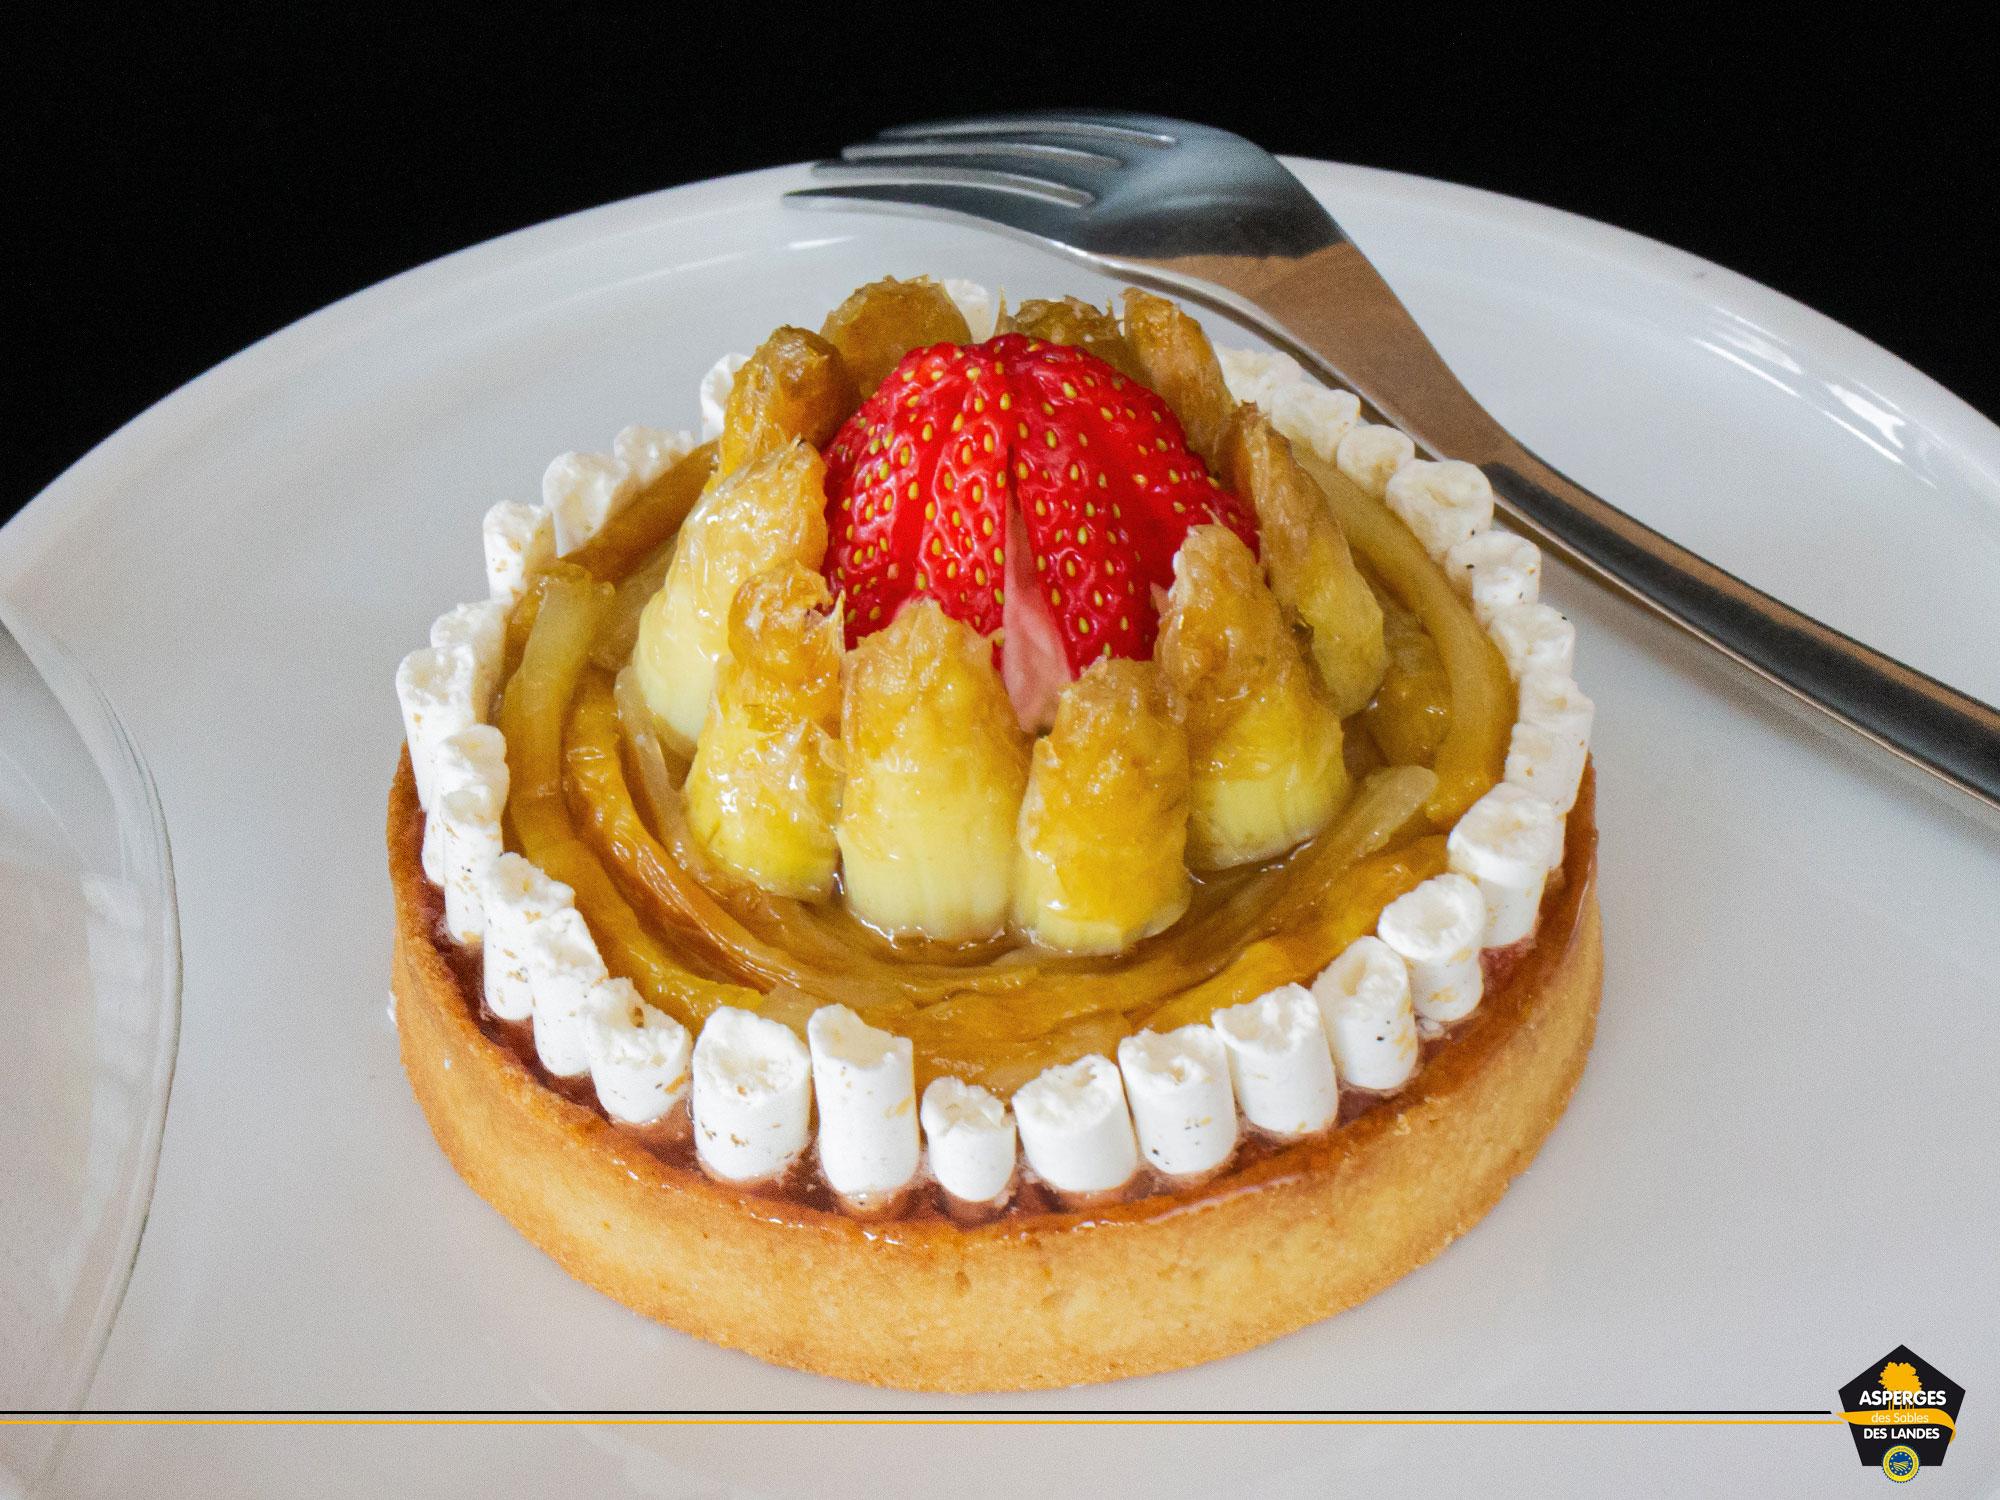 Contemporaine, l'Asperge des Sables des Landes surprend aussi en tartelette, accompagnée d'une fraise de saison